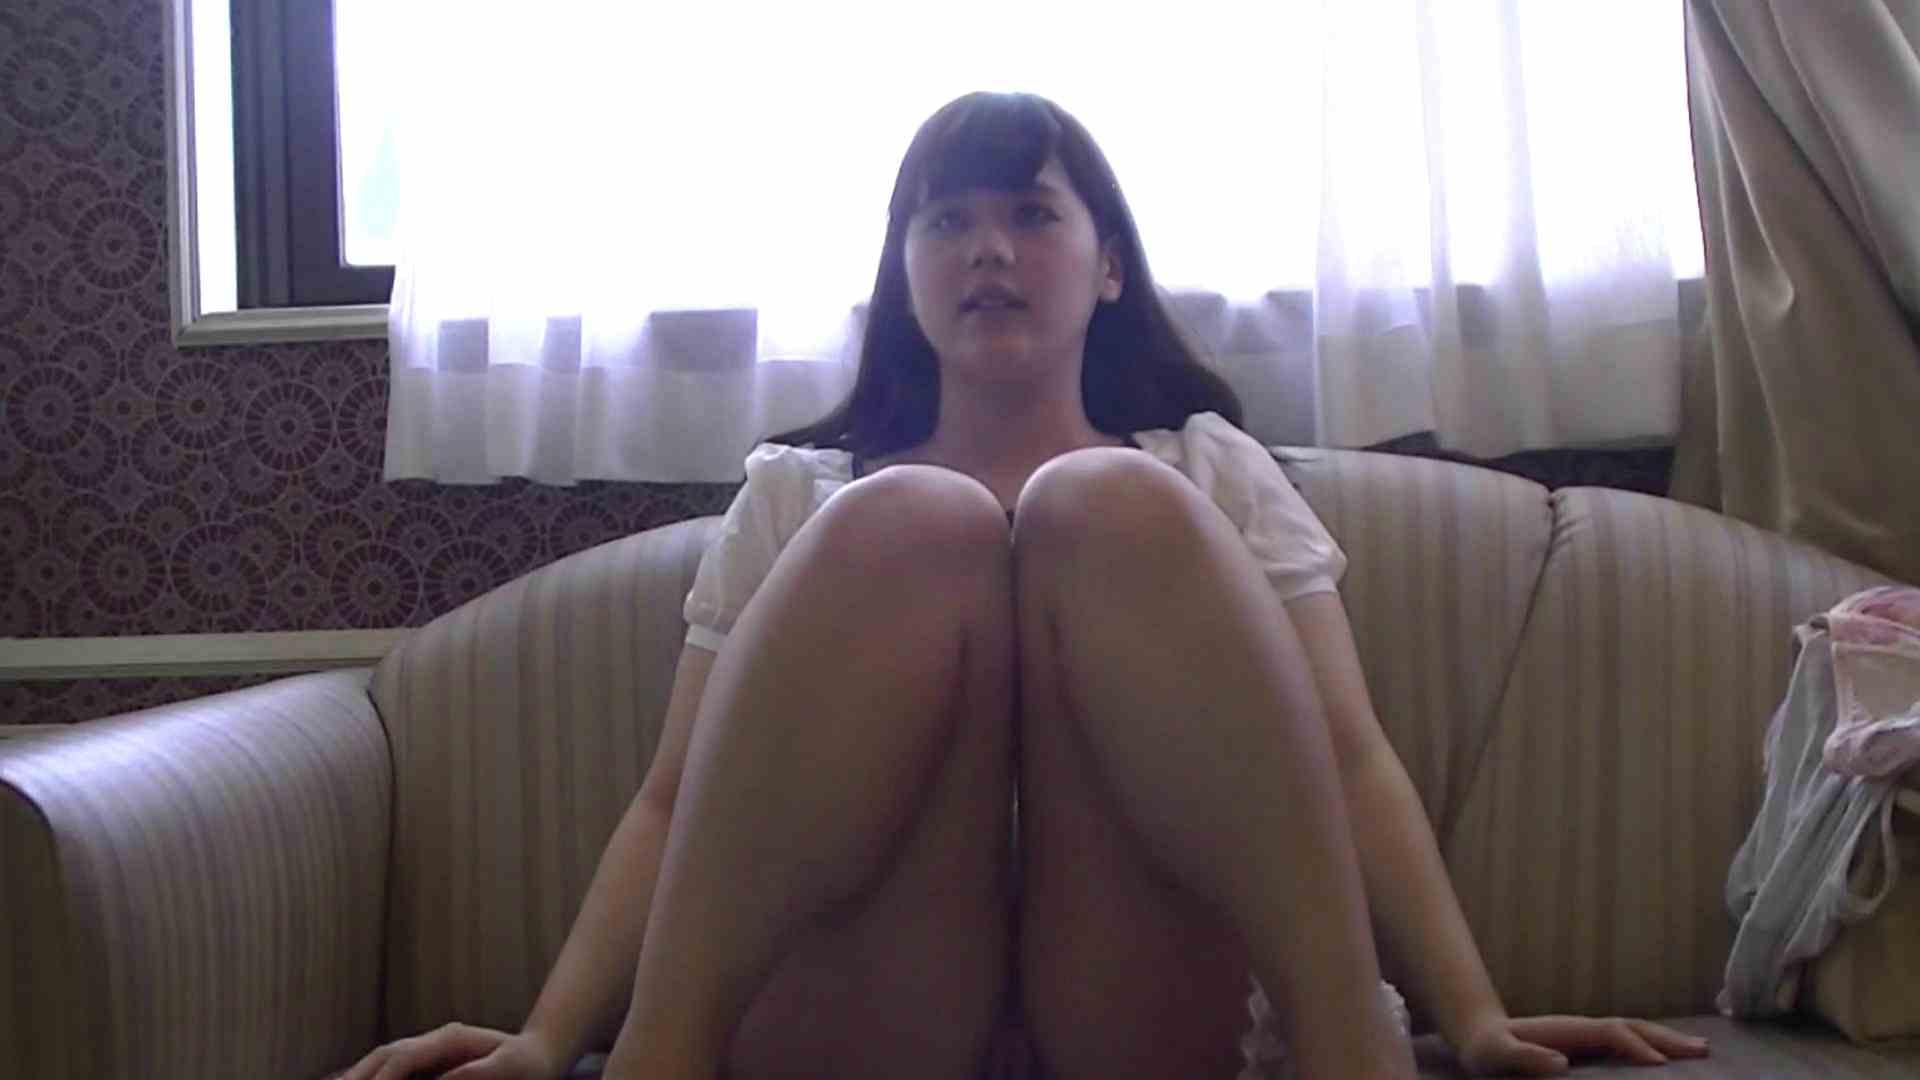 まだイッた経験のない乙女たち Vol.22 乙女  67連発 6